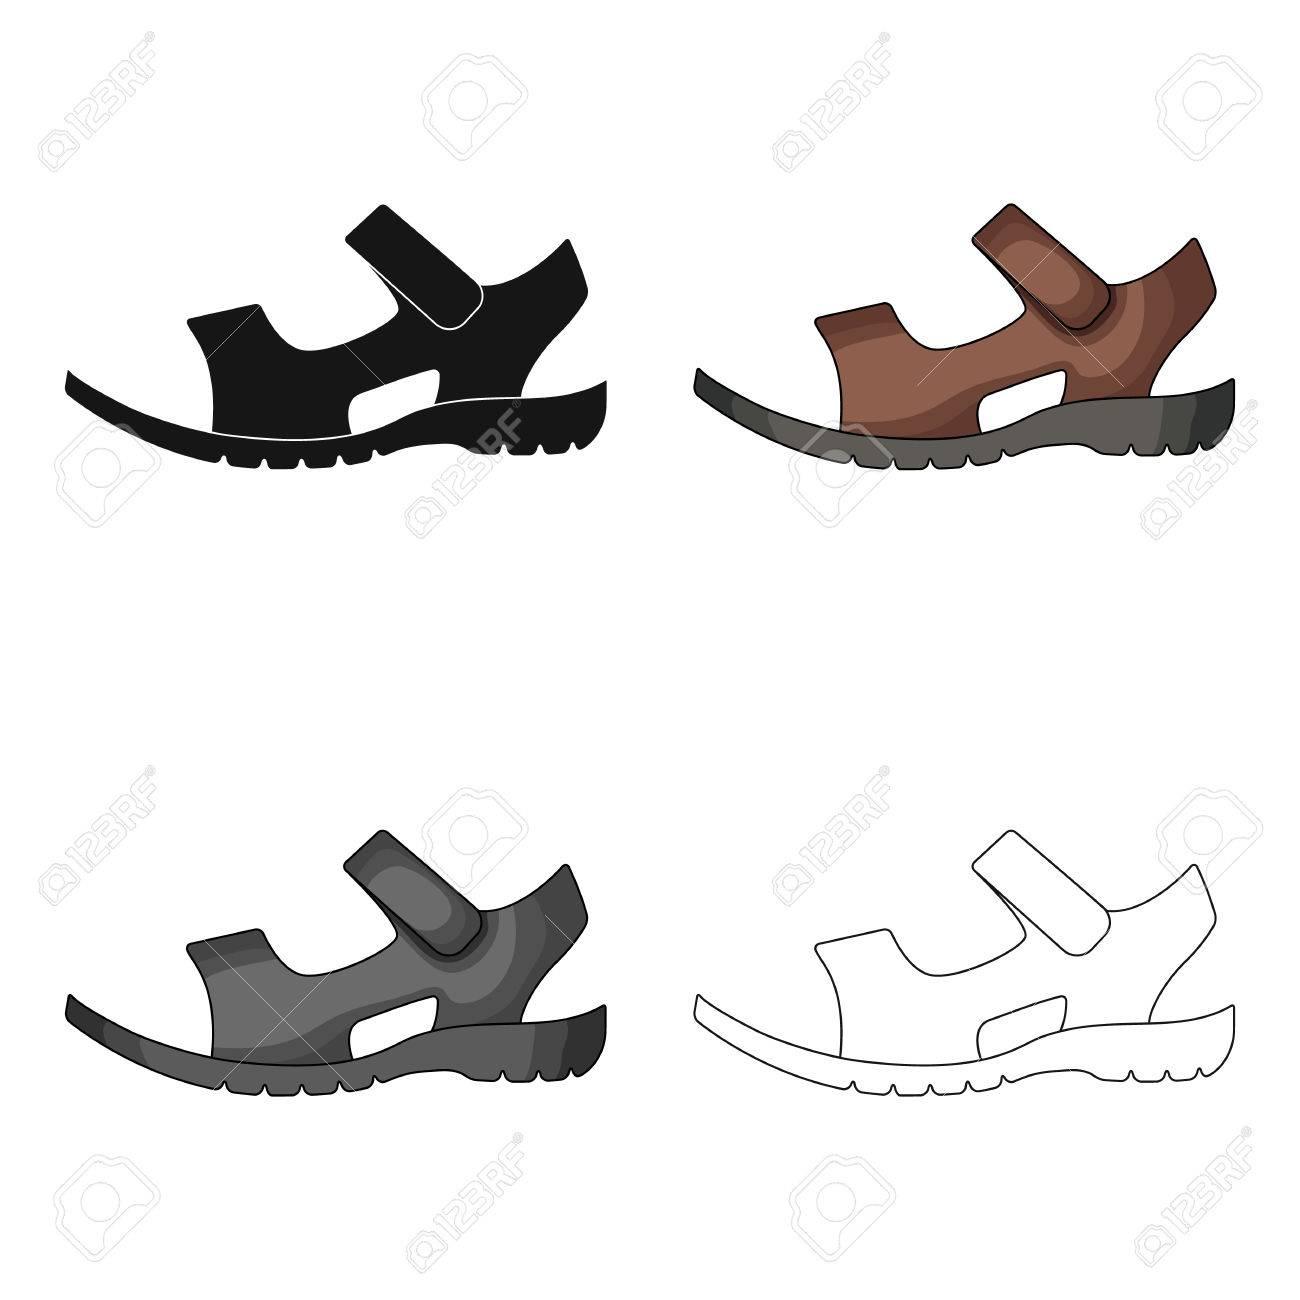 Männer Sommer braun Leder Sandalen auf einem nackten Fuß.Different Schuhe  einzigen Symbol in Cartoon fe94c621f2